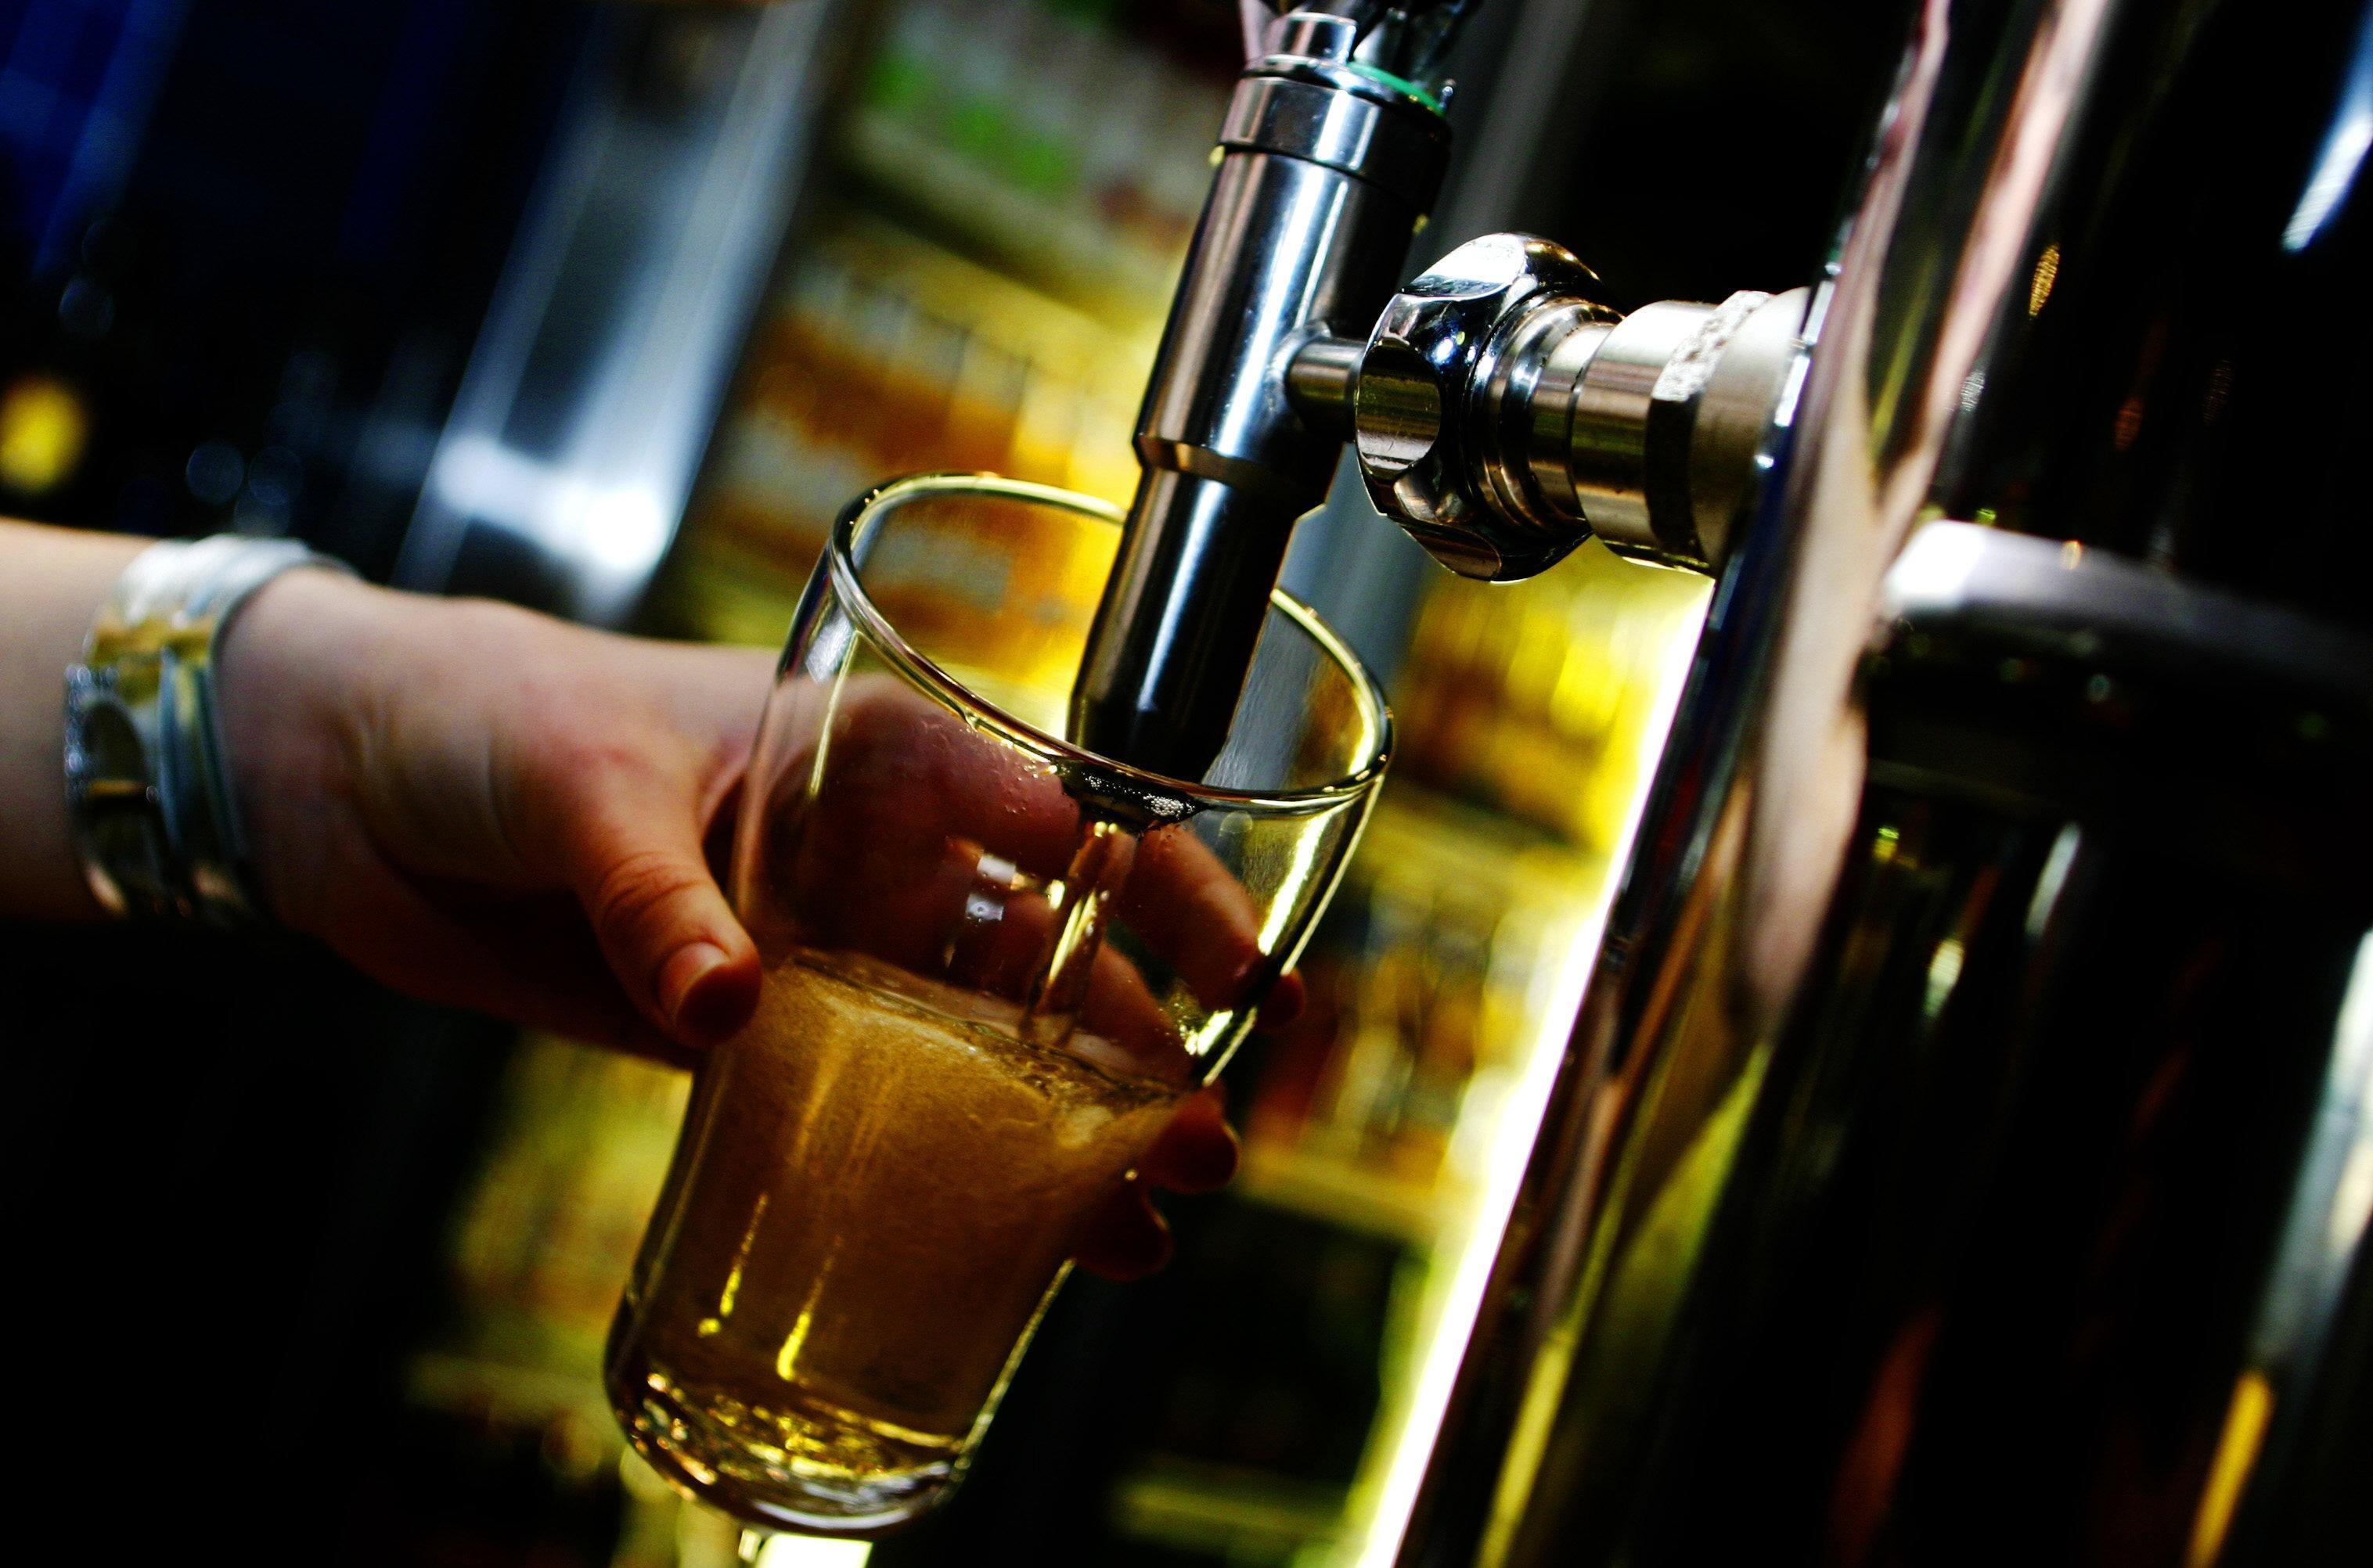 普通啤酒倾倒,2005年1月25日,安德鲁·奎尔蒂188金宝搏电脑版的AFR图片